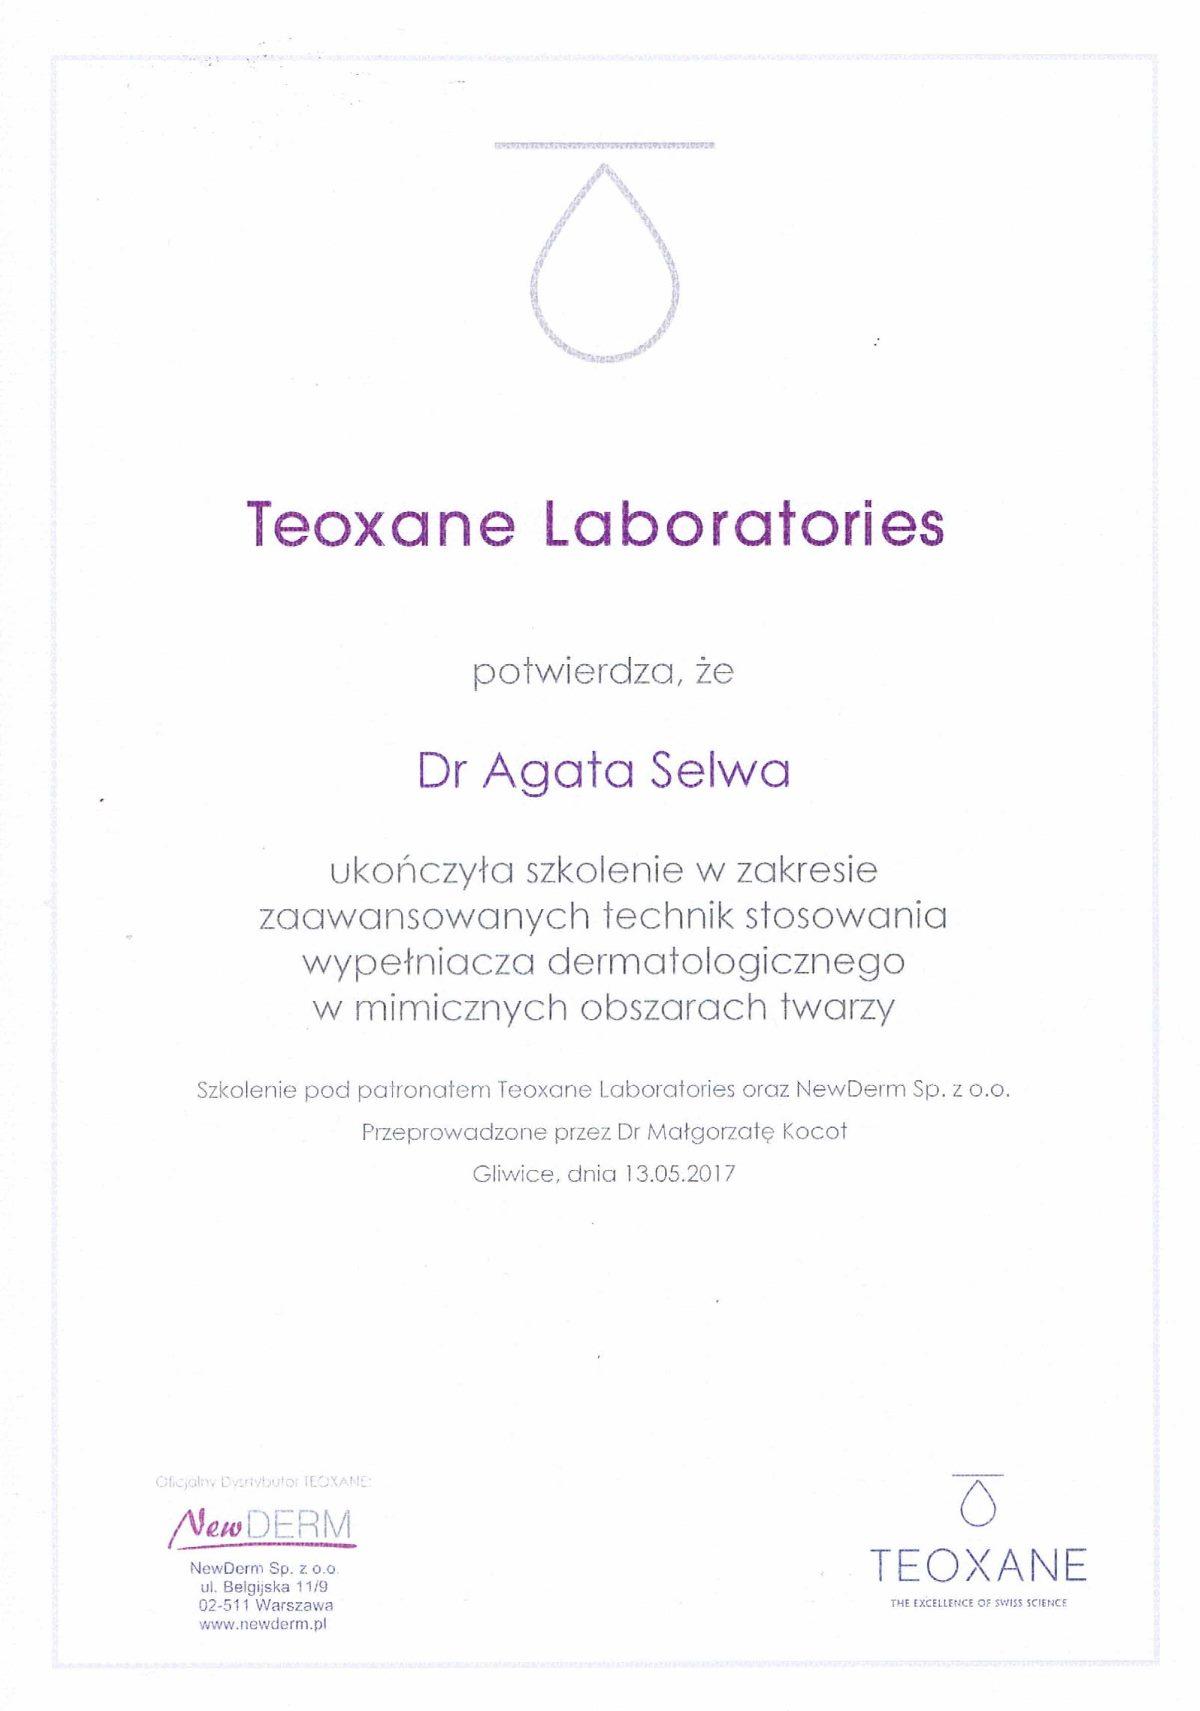 szkolenie wypełniacz dermatologiczny dr agata selwa